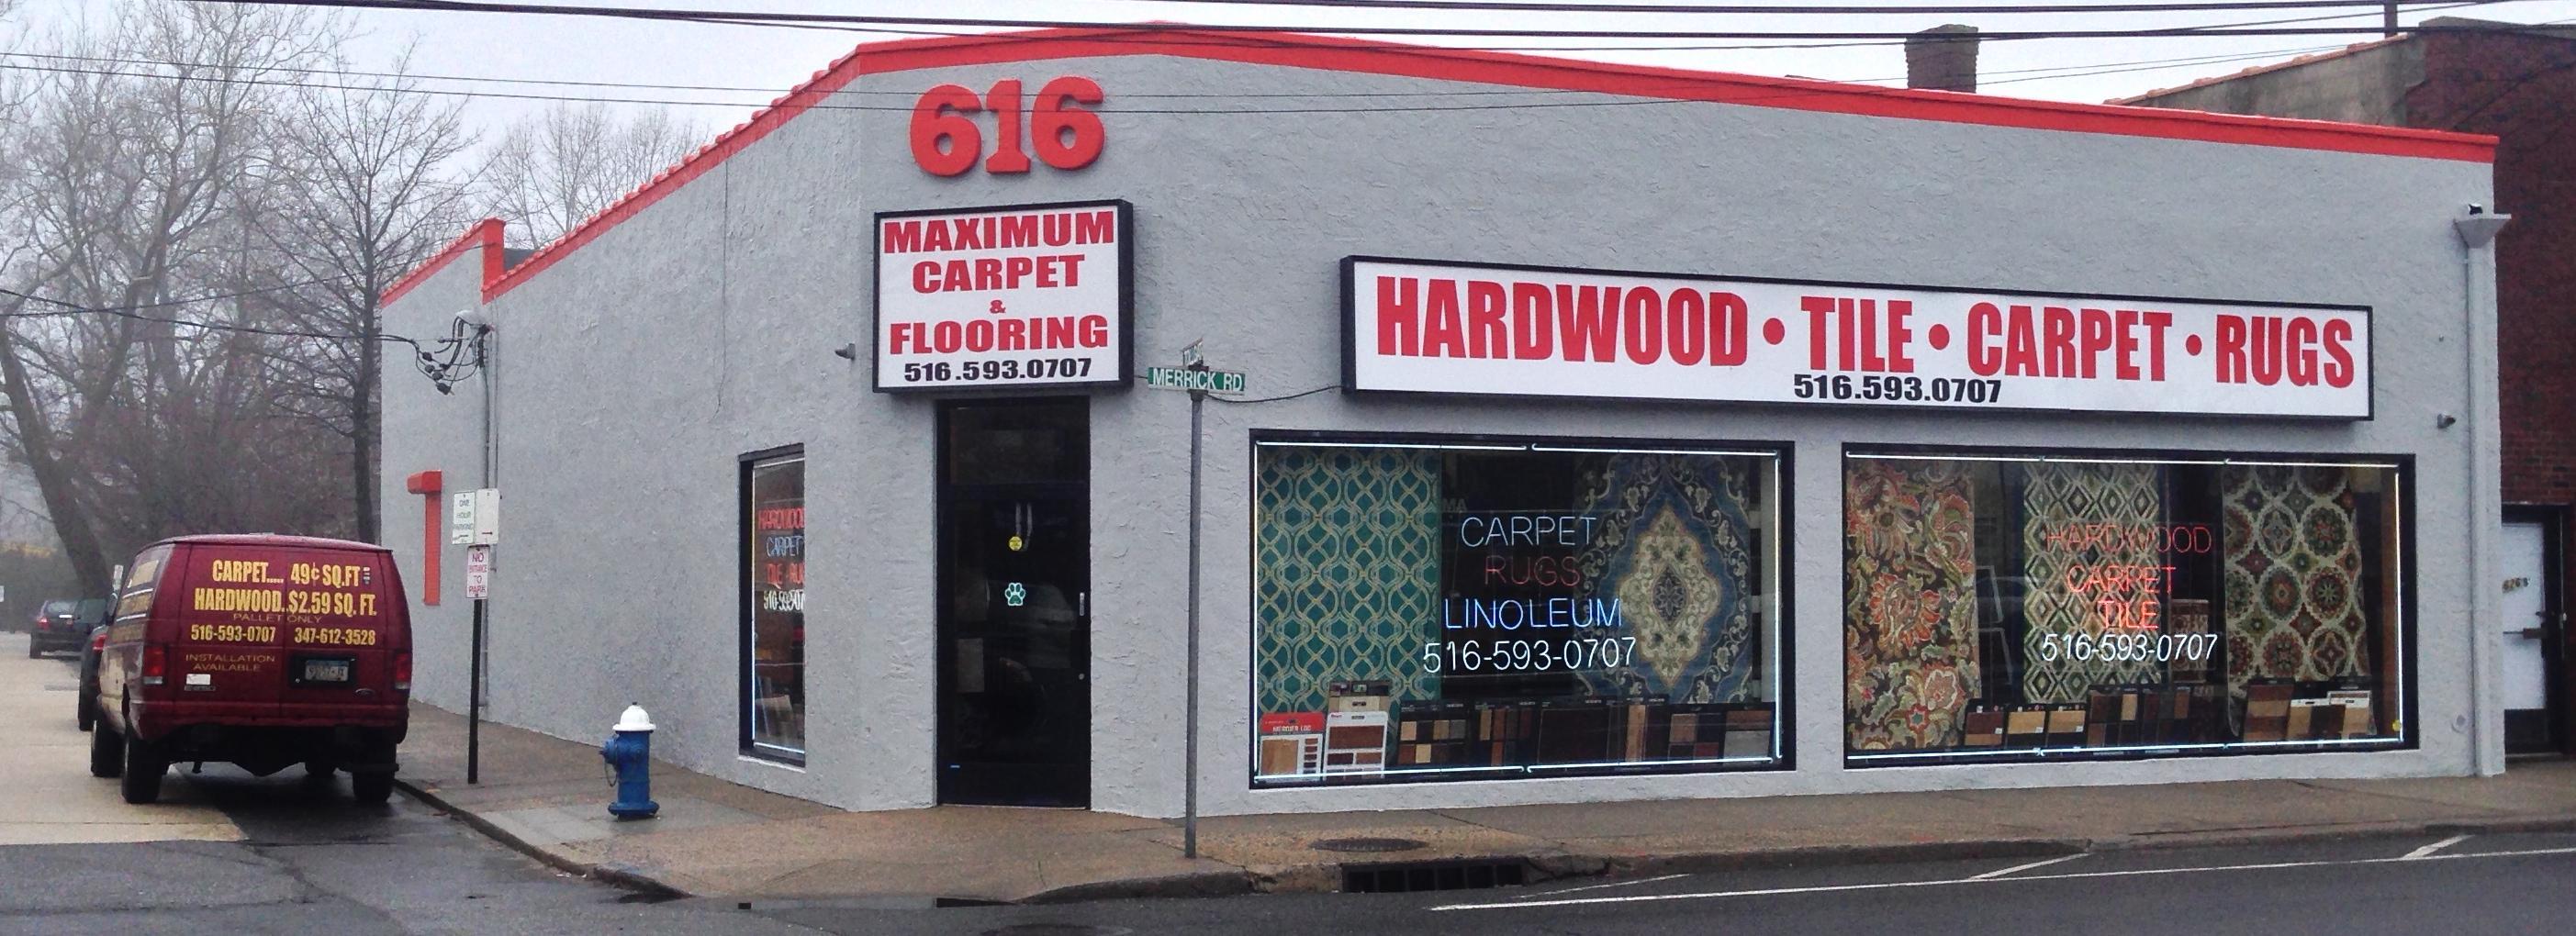 Maximum Carpet & Flooring Incorporated